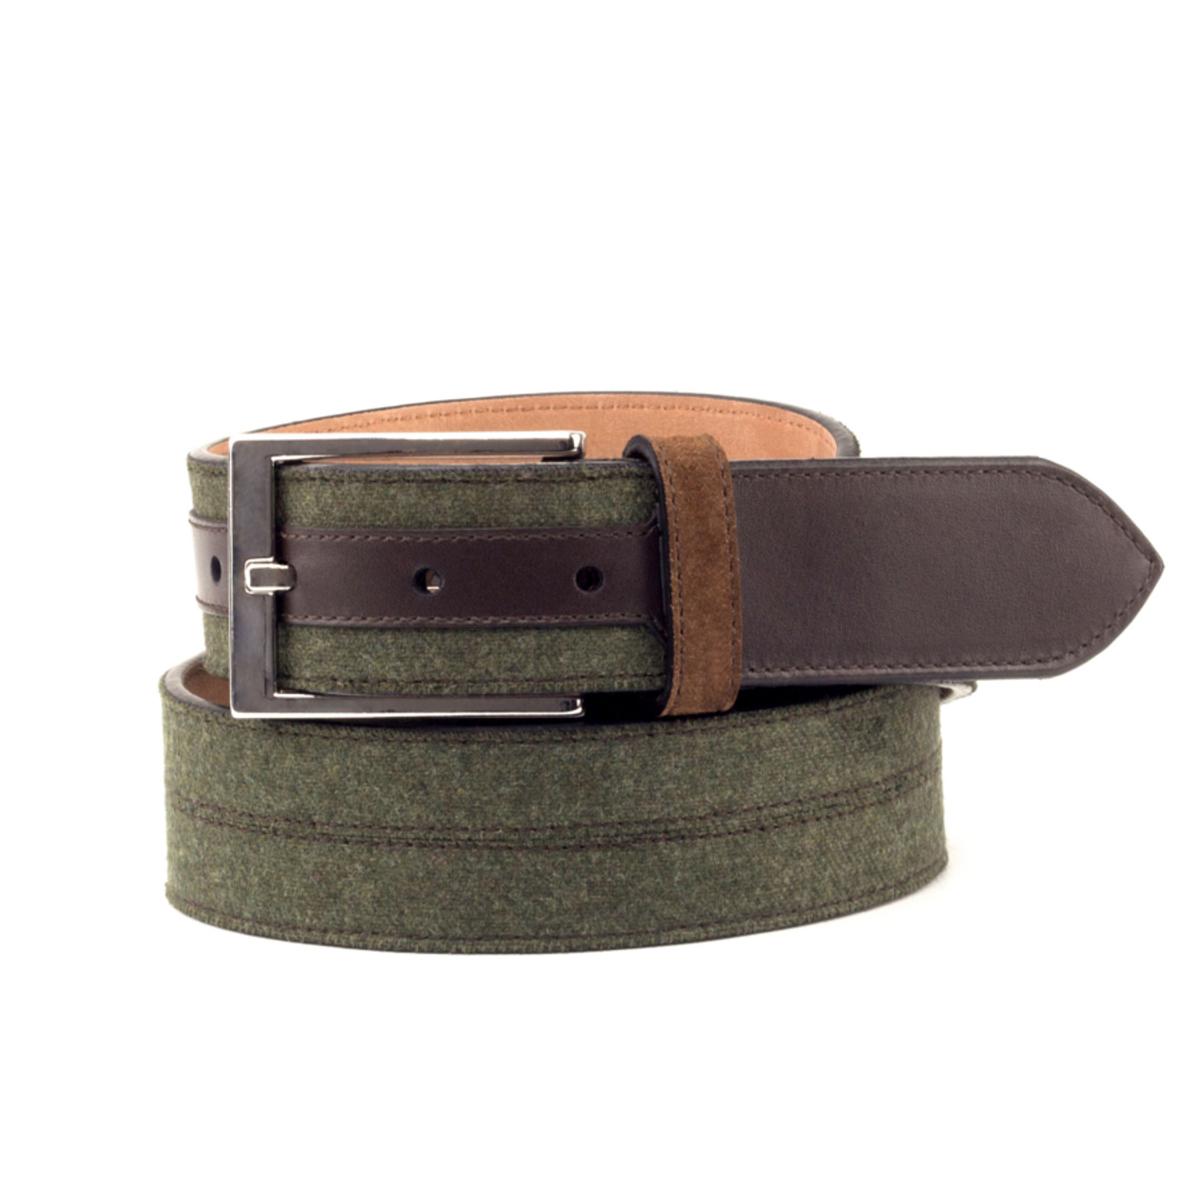 Men's bespoke belt